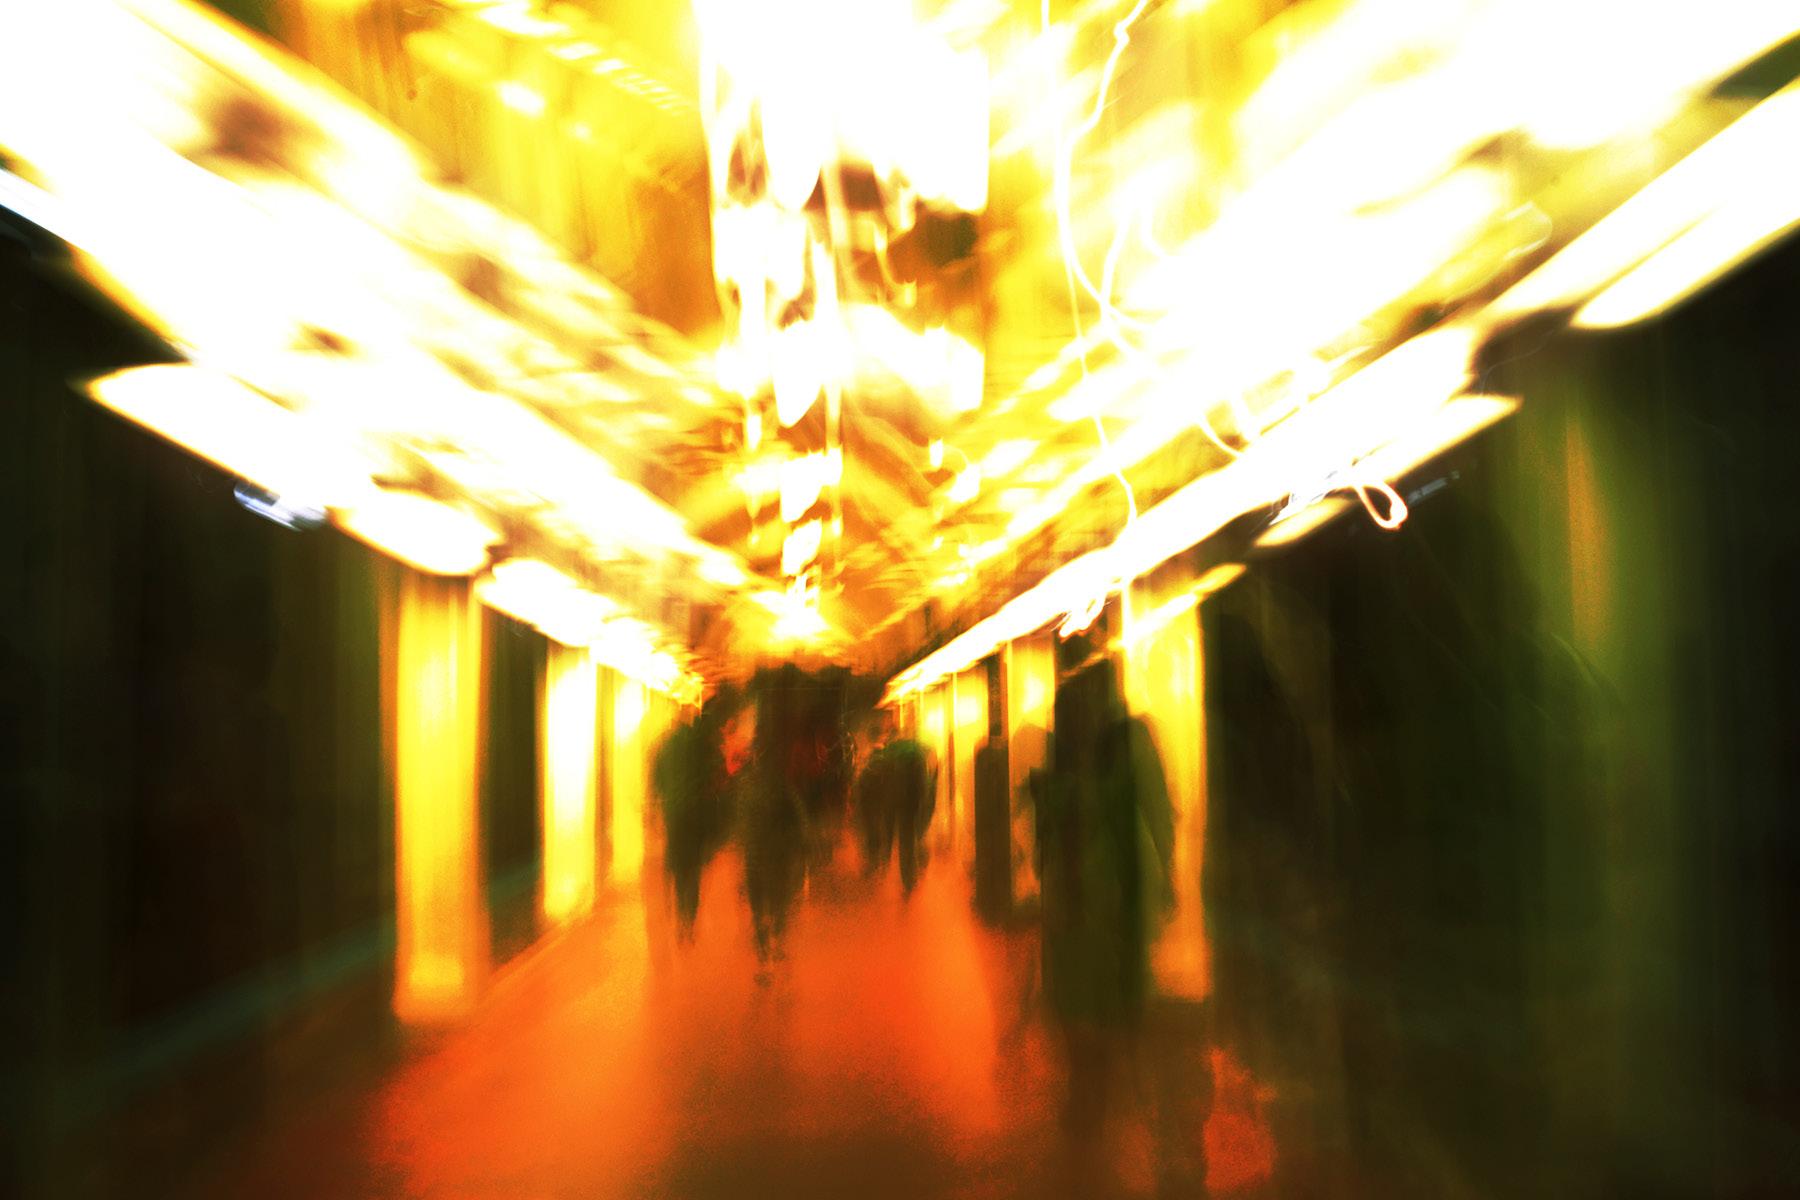 Time Tunnel - Wenli Bao